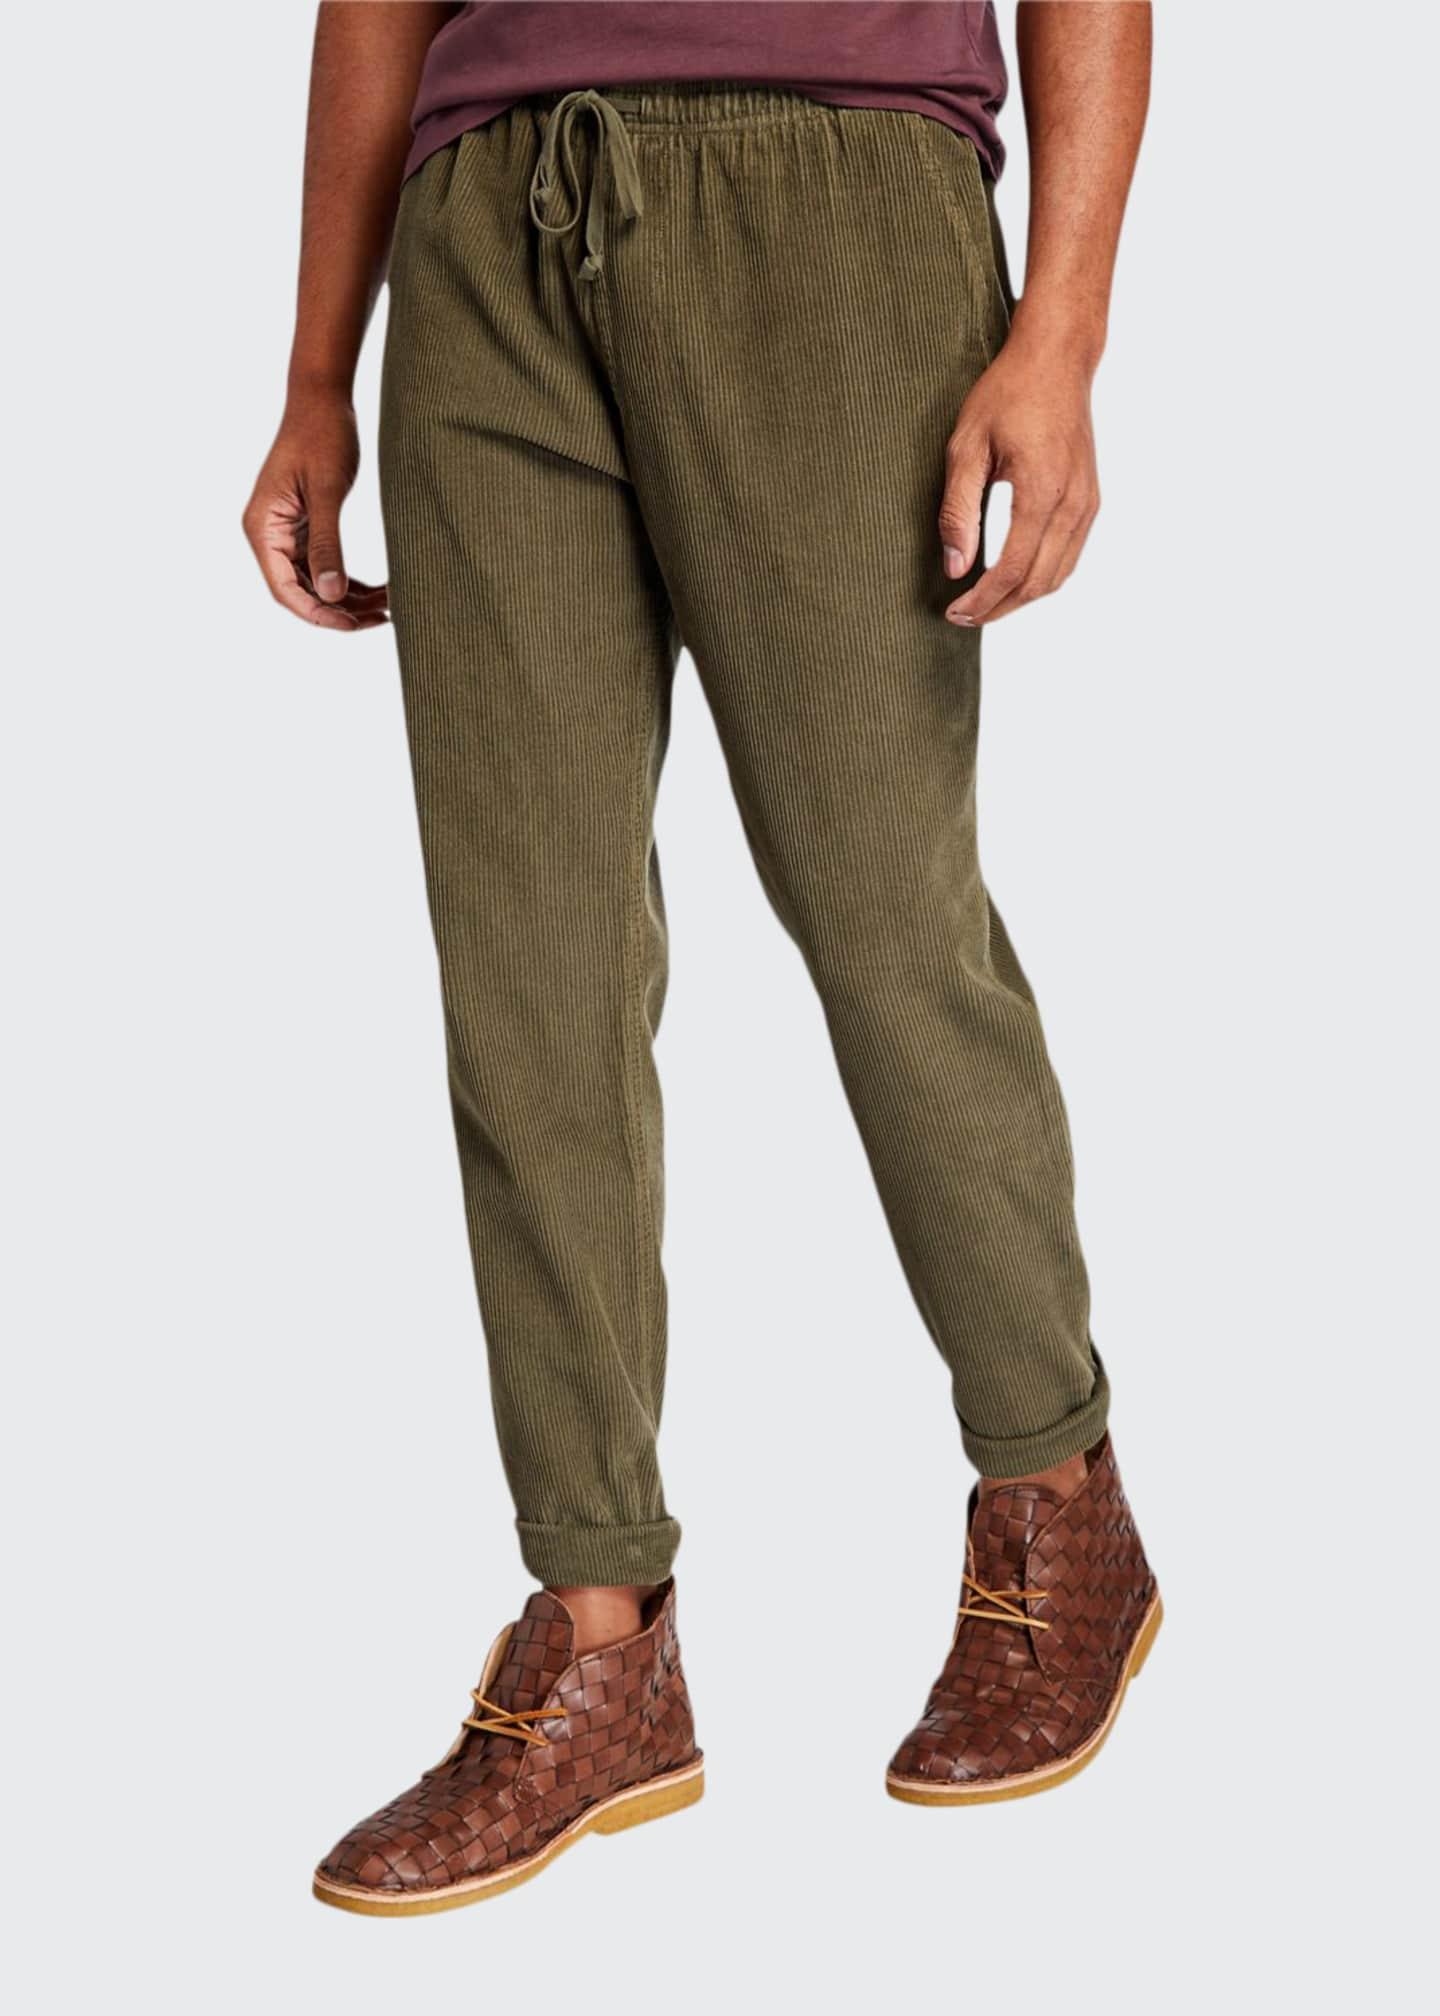 Save Khaki Men's 8-Wale Corduroy Easy Chino Pants